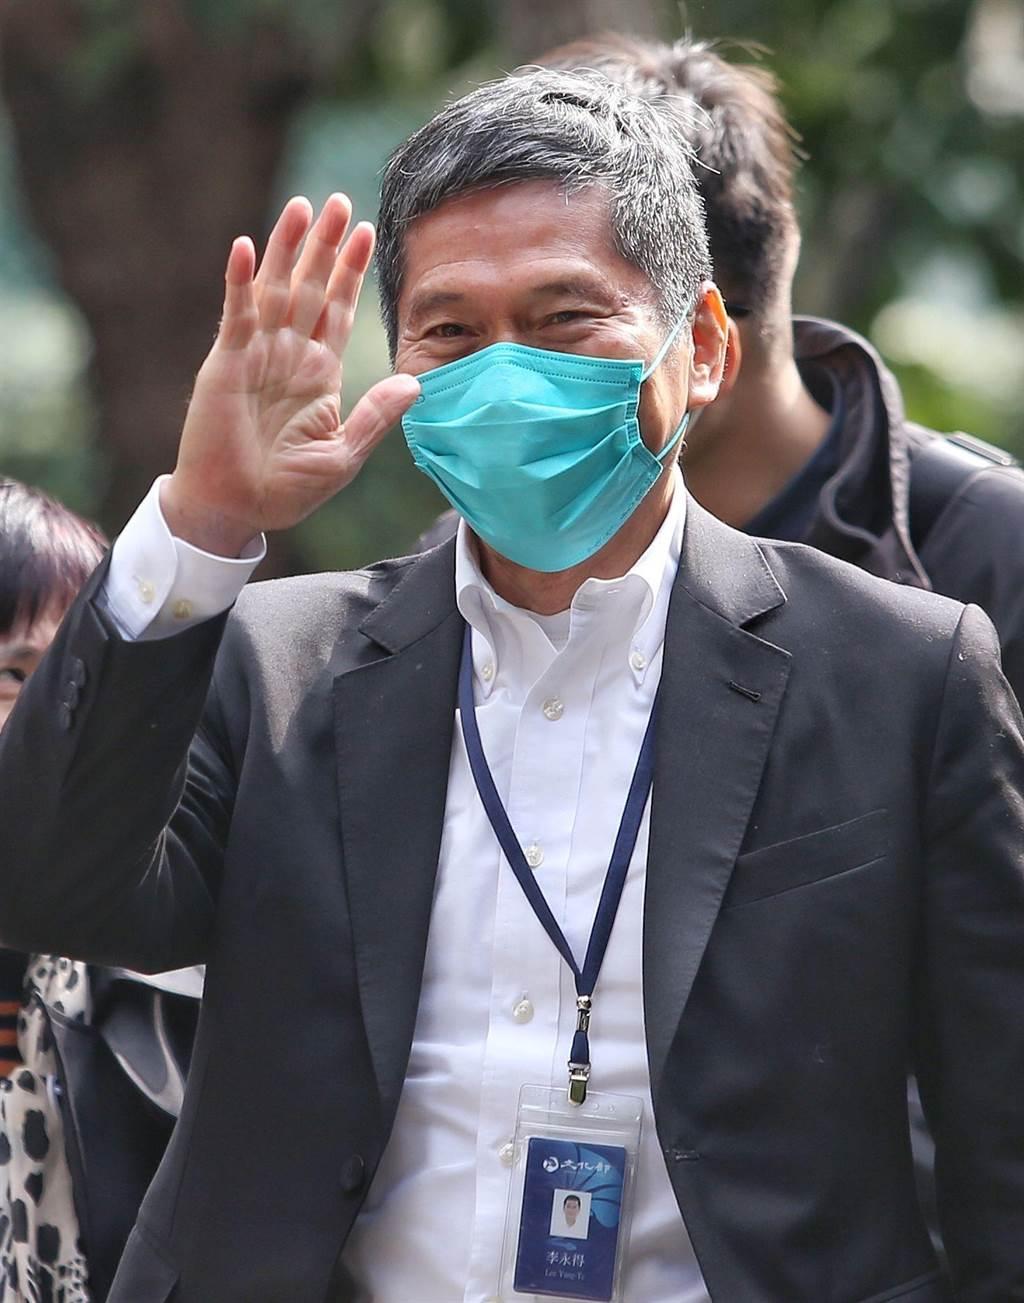 文化部长李永得表示,依照防疫指挥中心规定,目前各场馆还是遵守防疫新生活计画的防疫规定。(本报资料照)